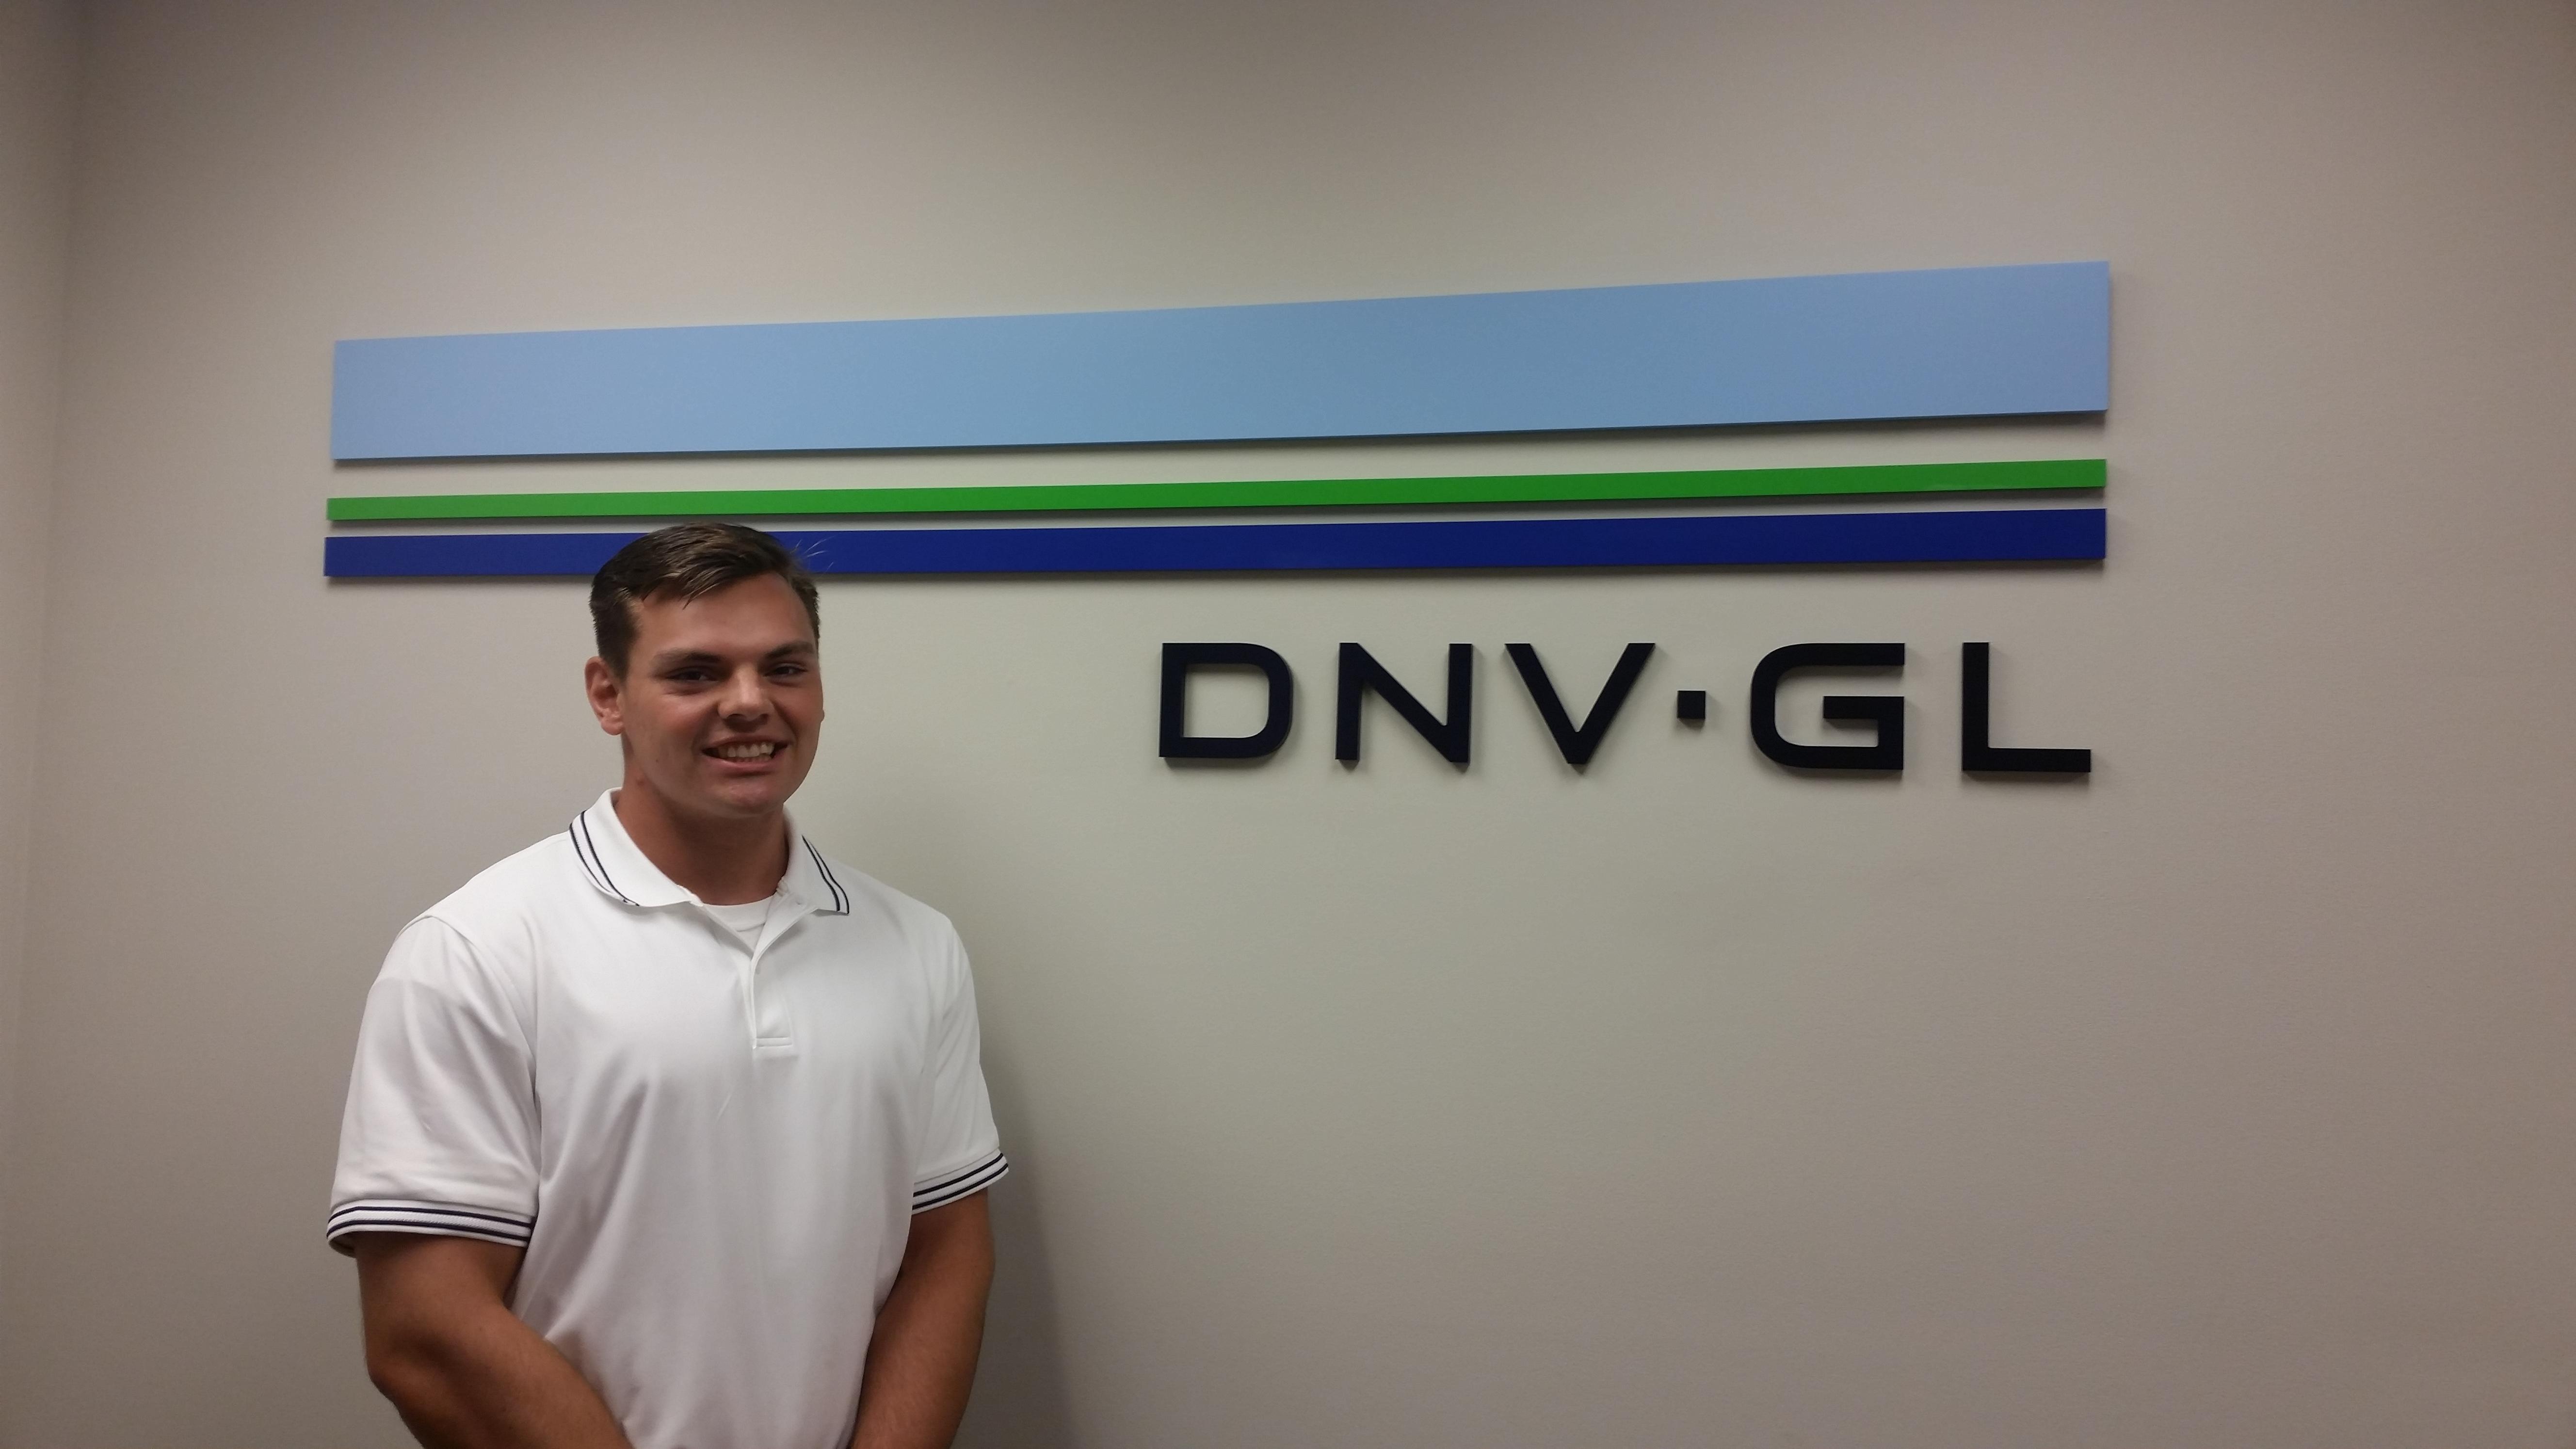 Me at DNV GL